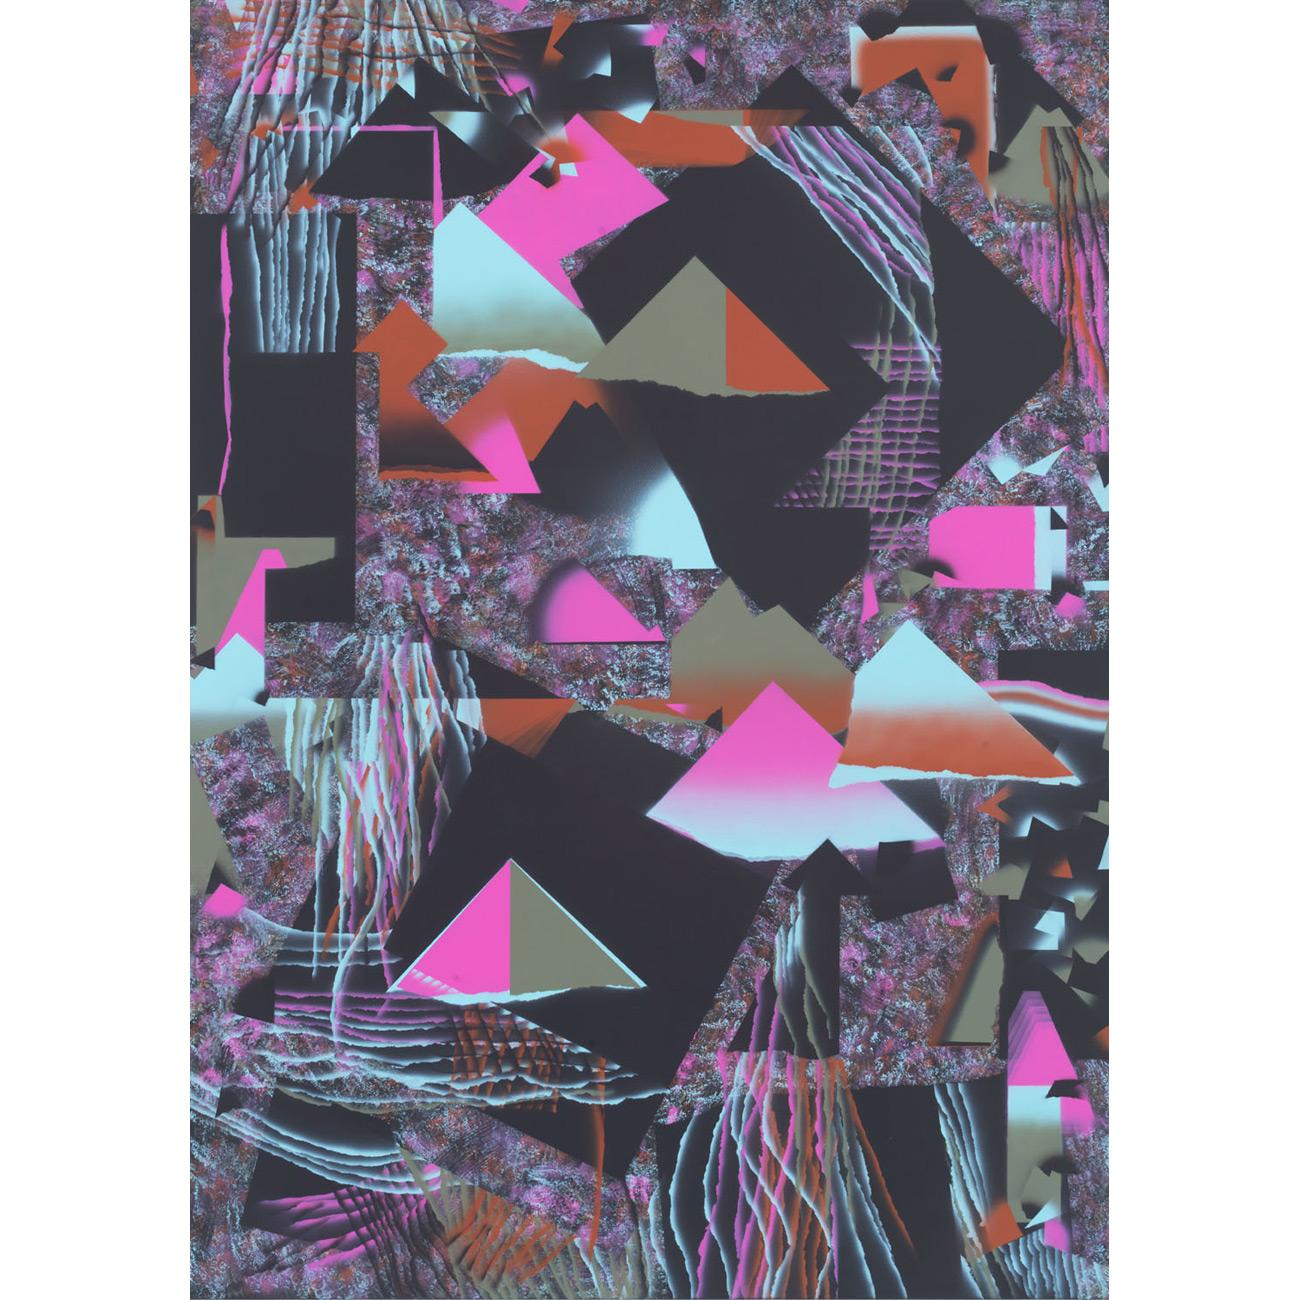 schwärzliches Grün/Verschiedenartigkeit . 2017 . 190 x 135 cm . Acryl auf Baumwolle